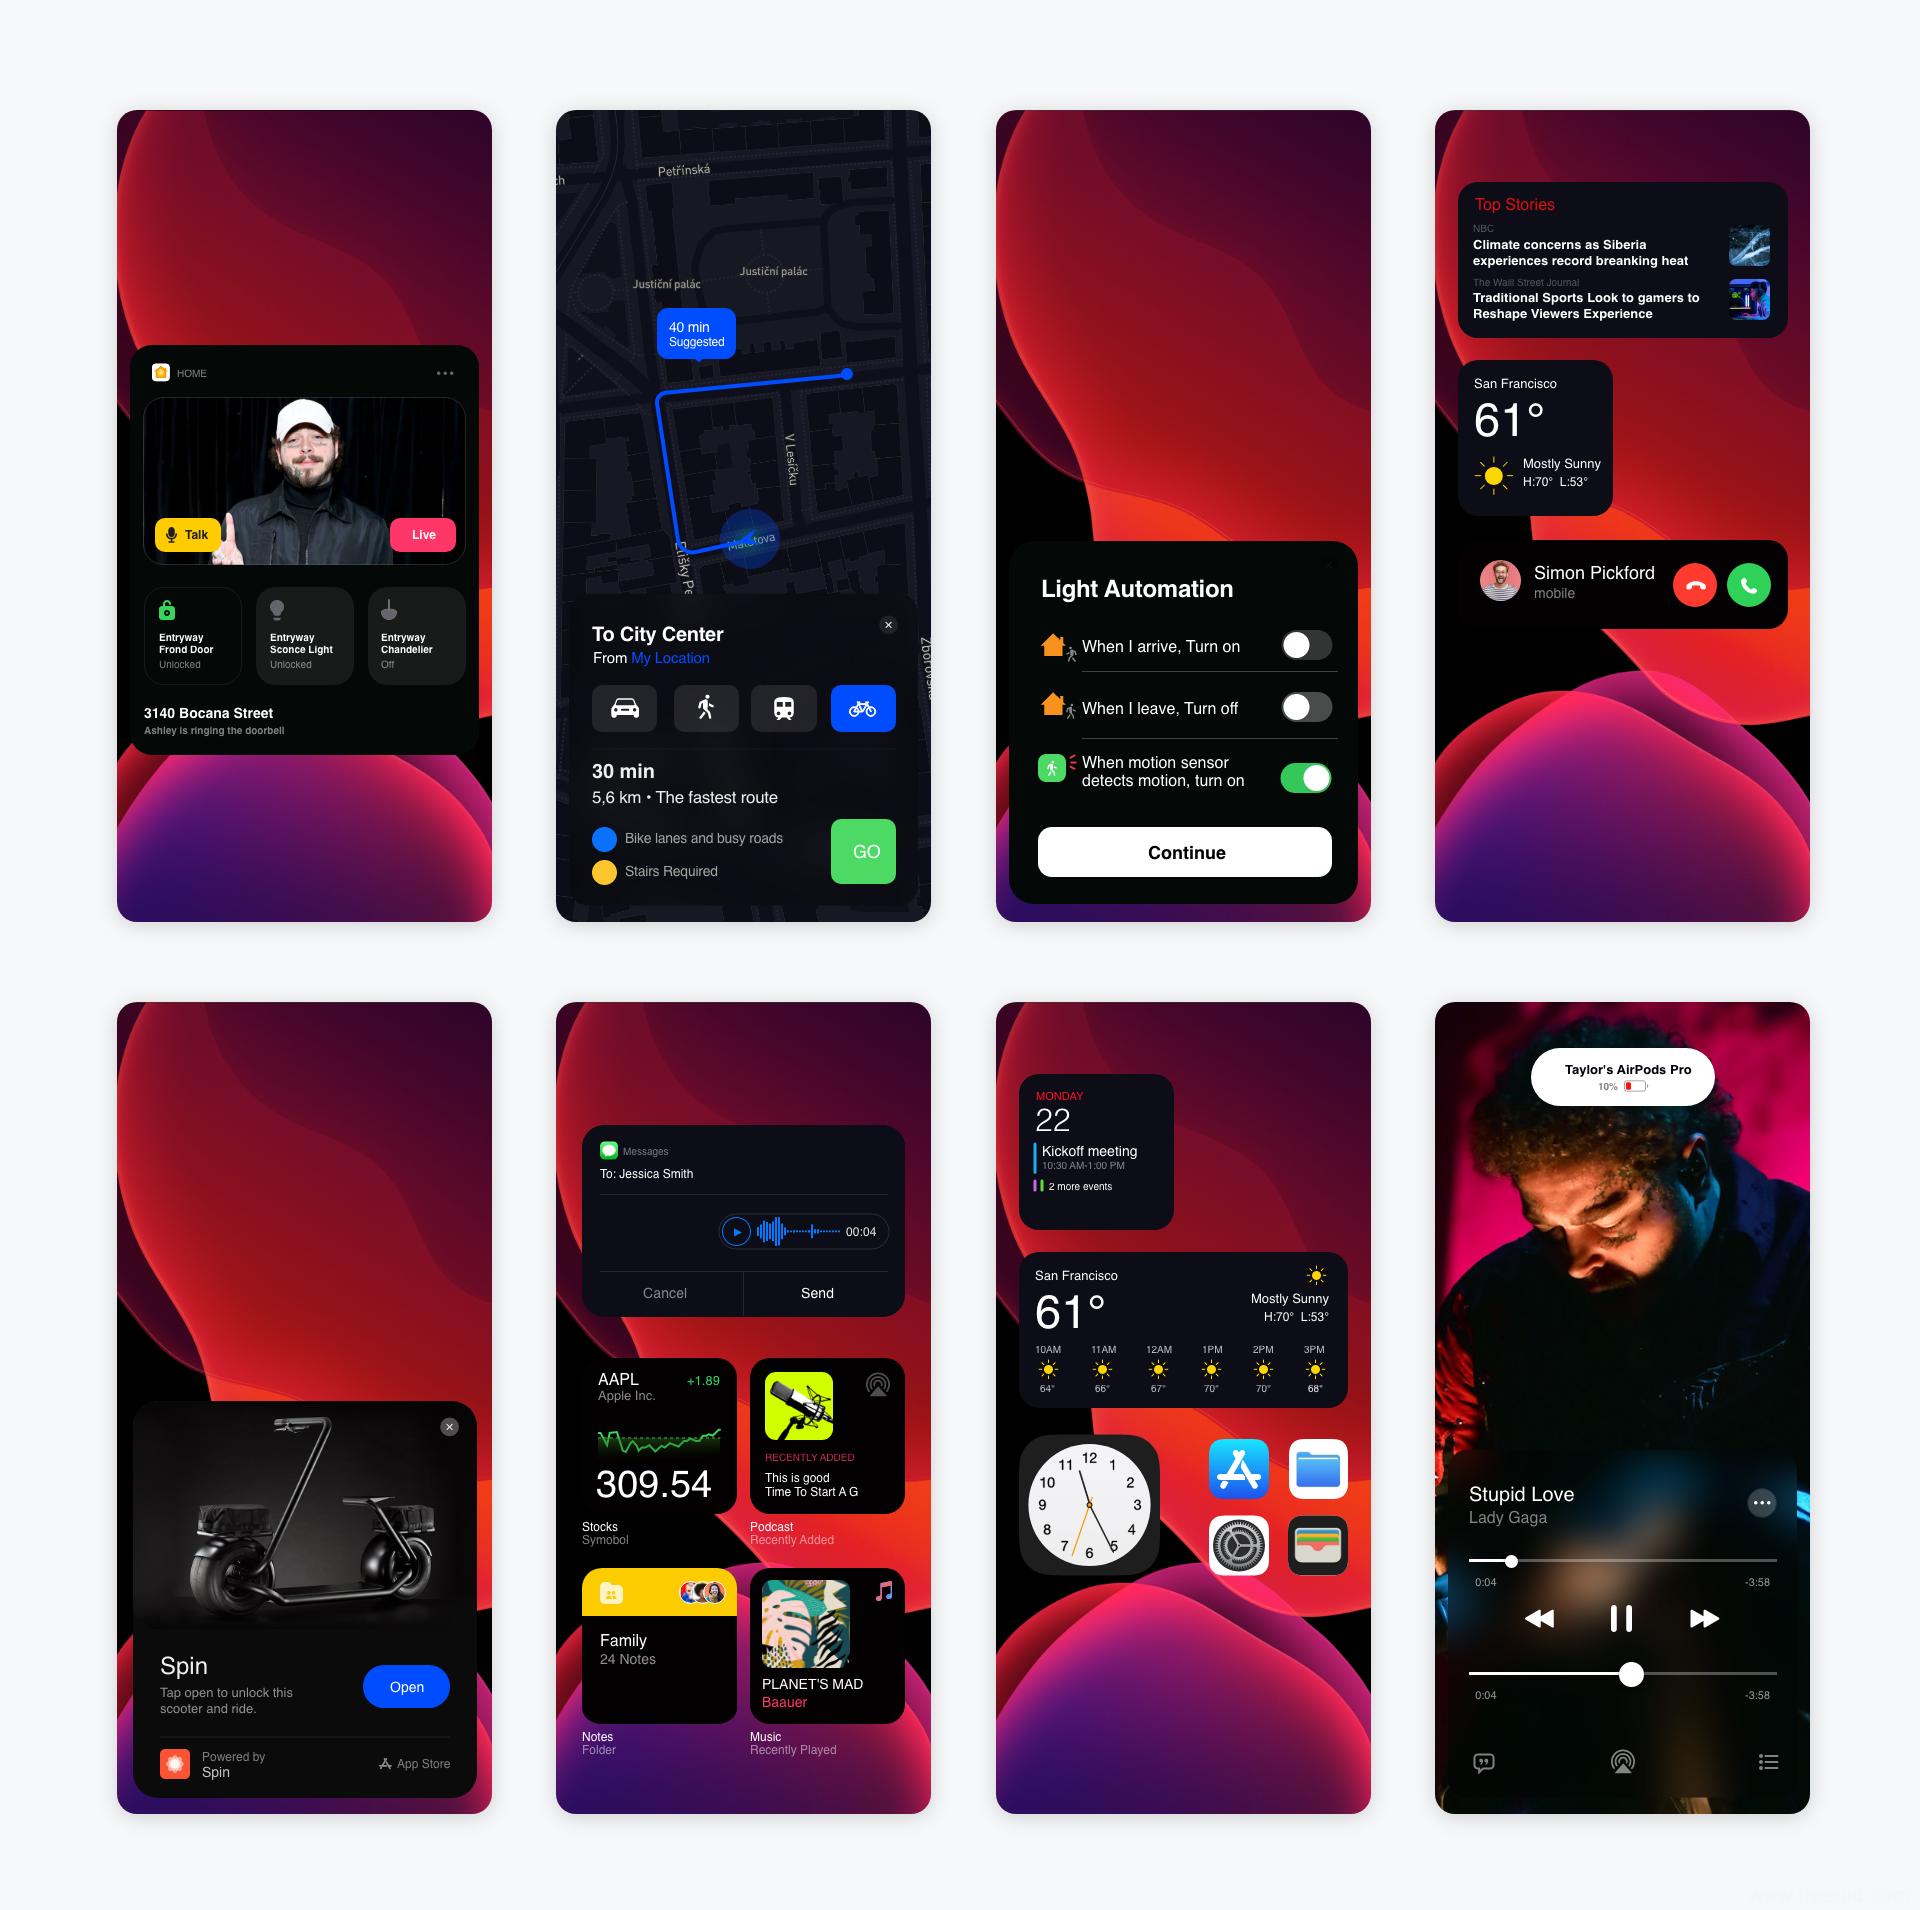 2020 苹果最新iOS14 UI素材下载,iOS14 UI组件UI源文件xd源文件下载